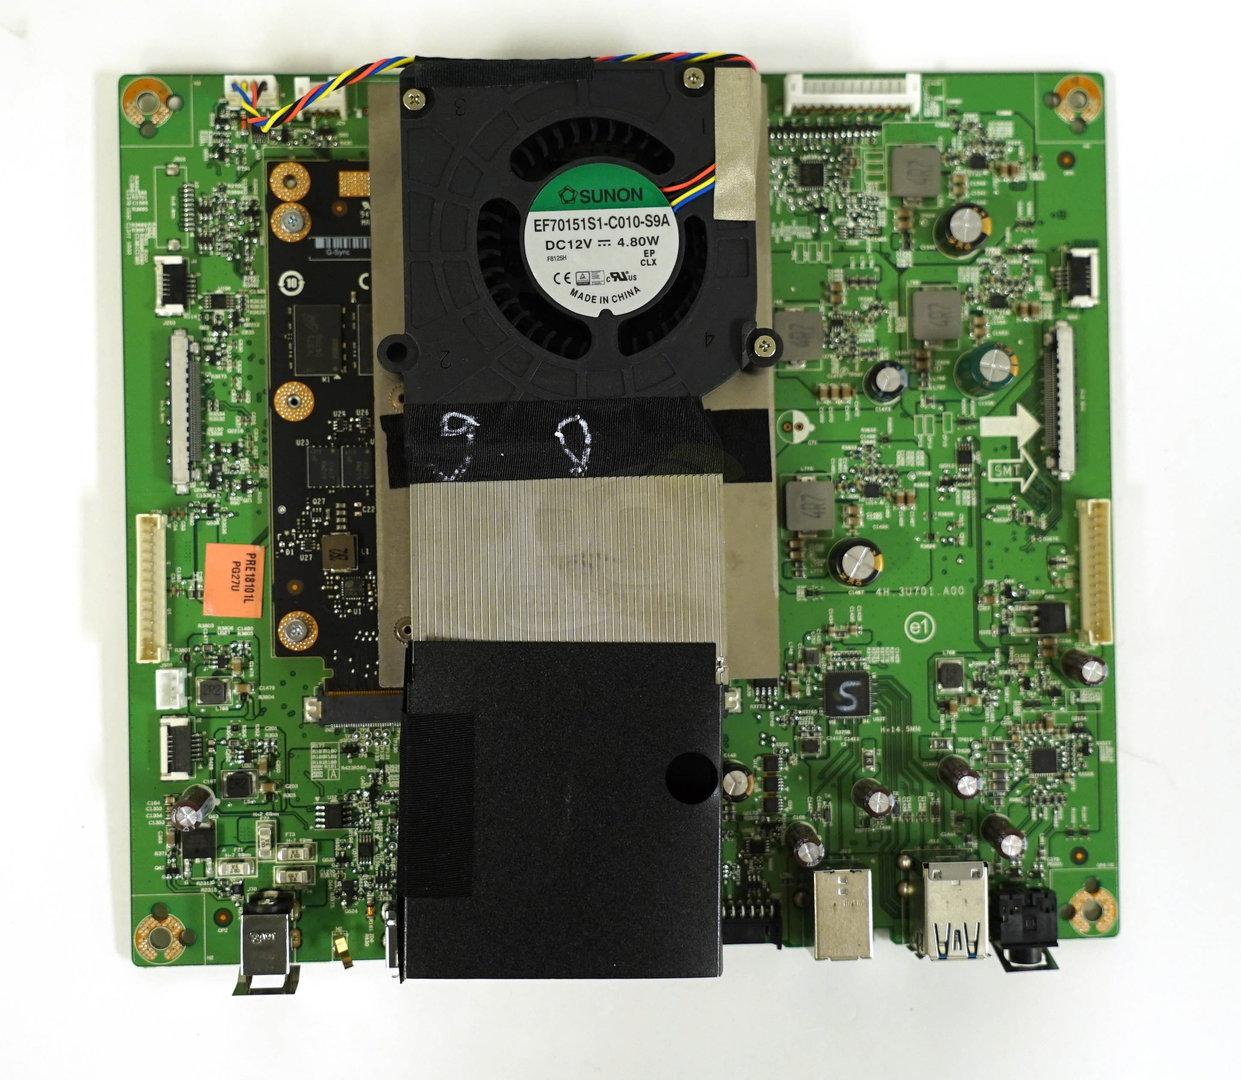 Der Chip benötigt eine aktive Kühlung